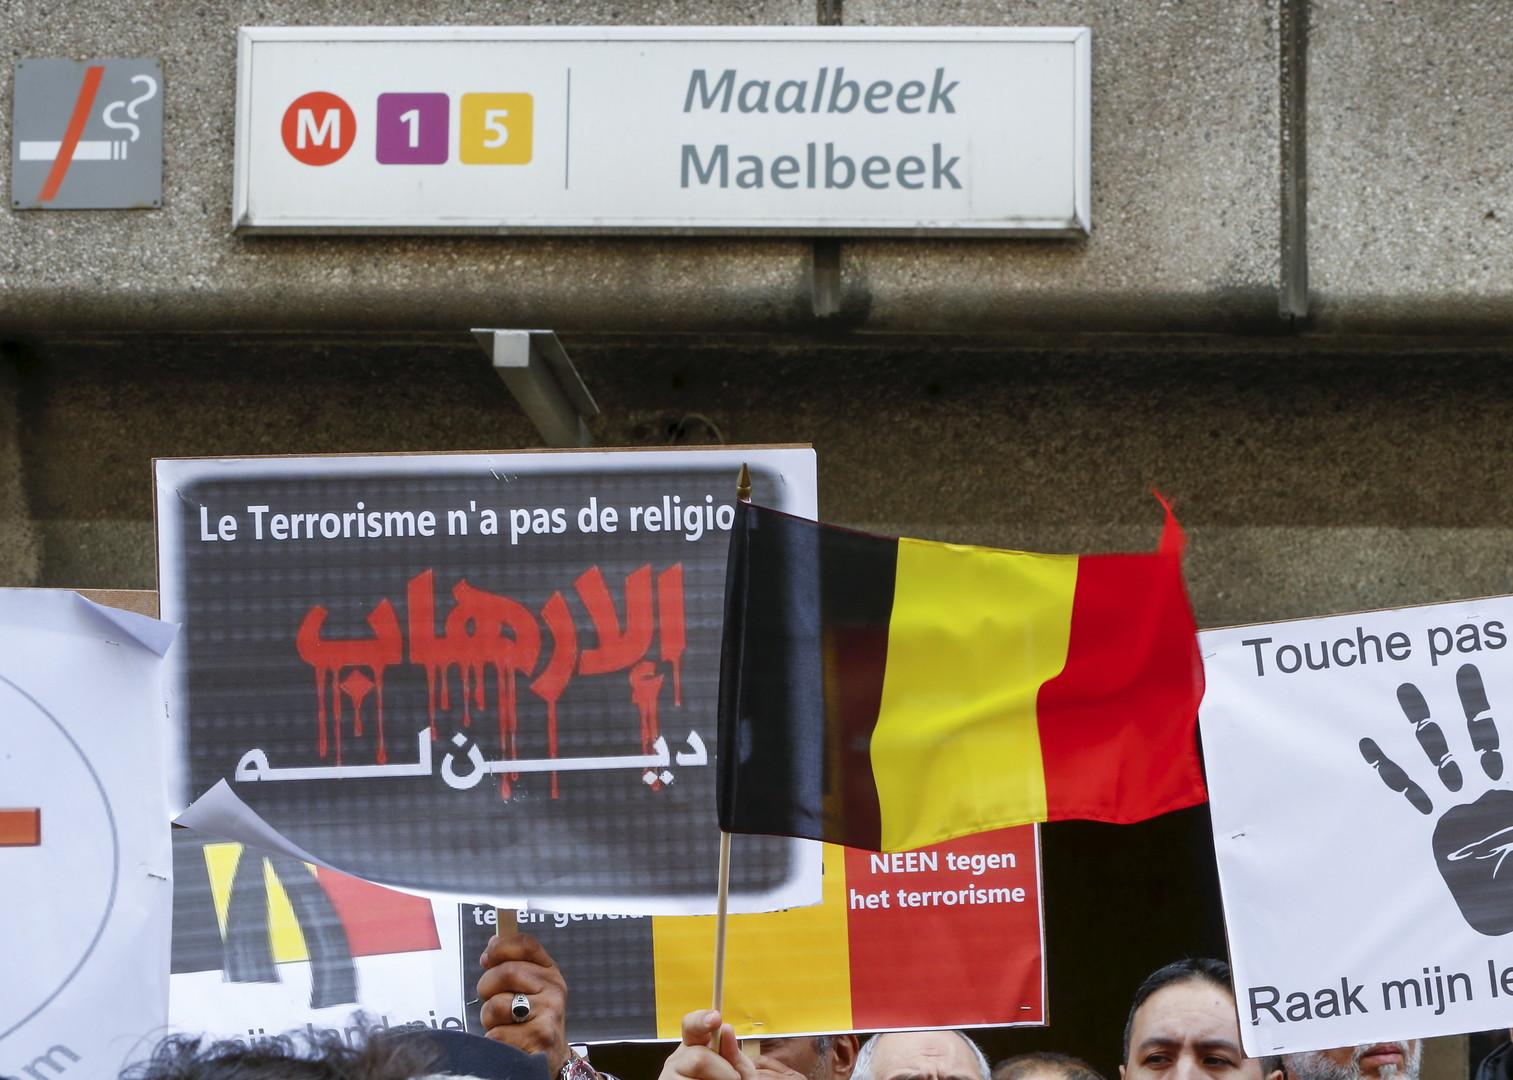 Attentats de Bruxelles : couacs dans la communication et aéroport sans défense